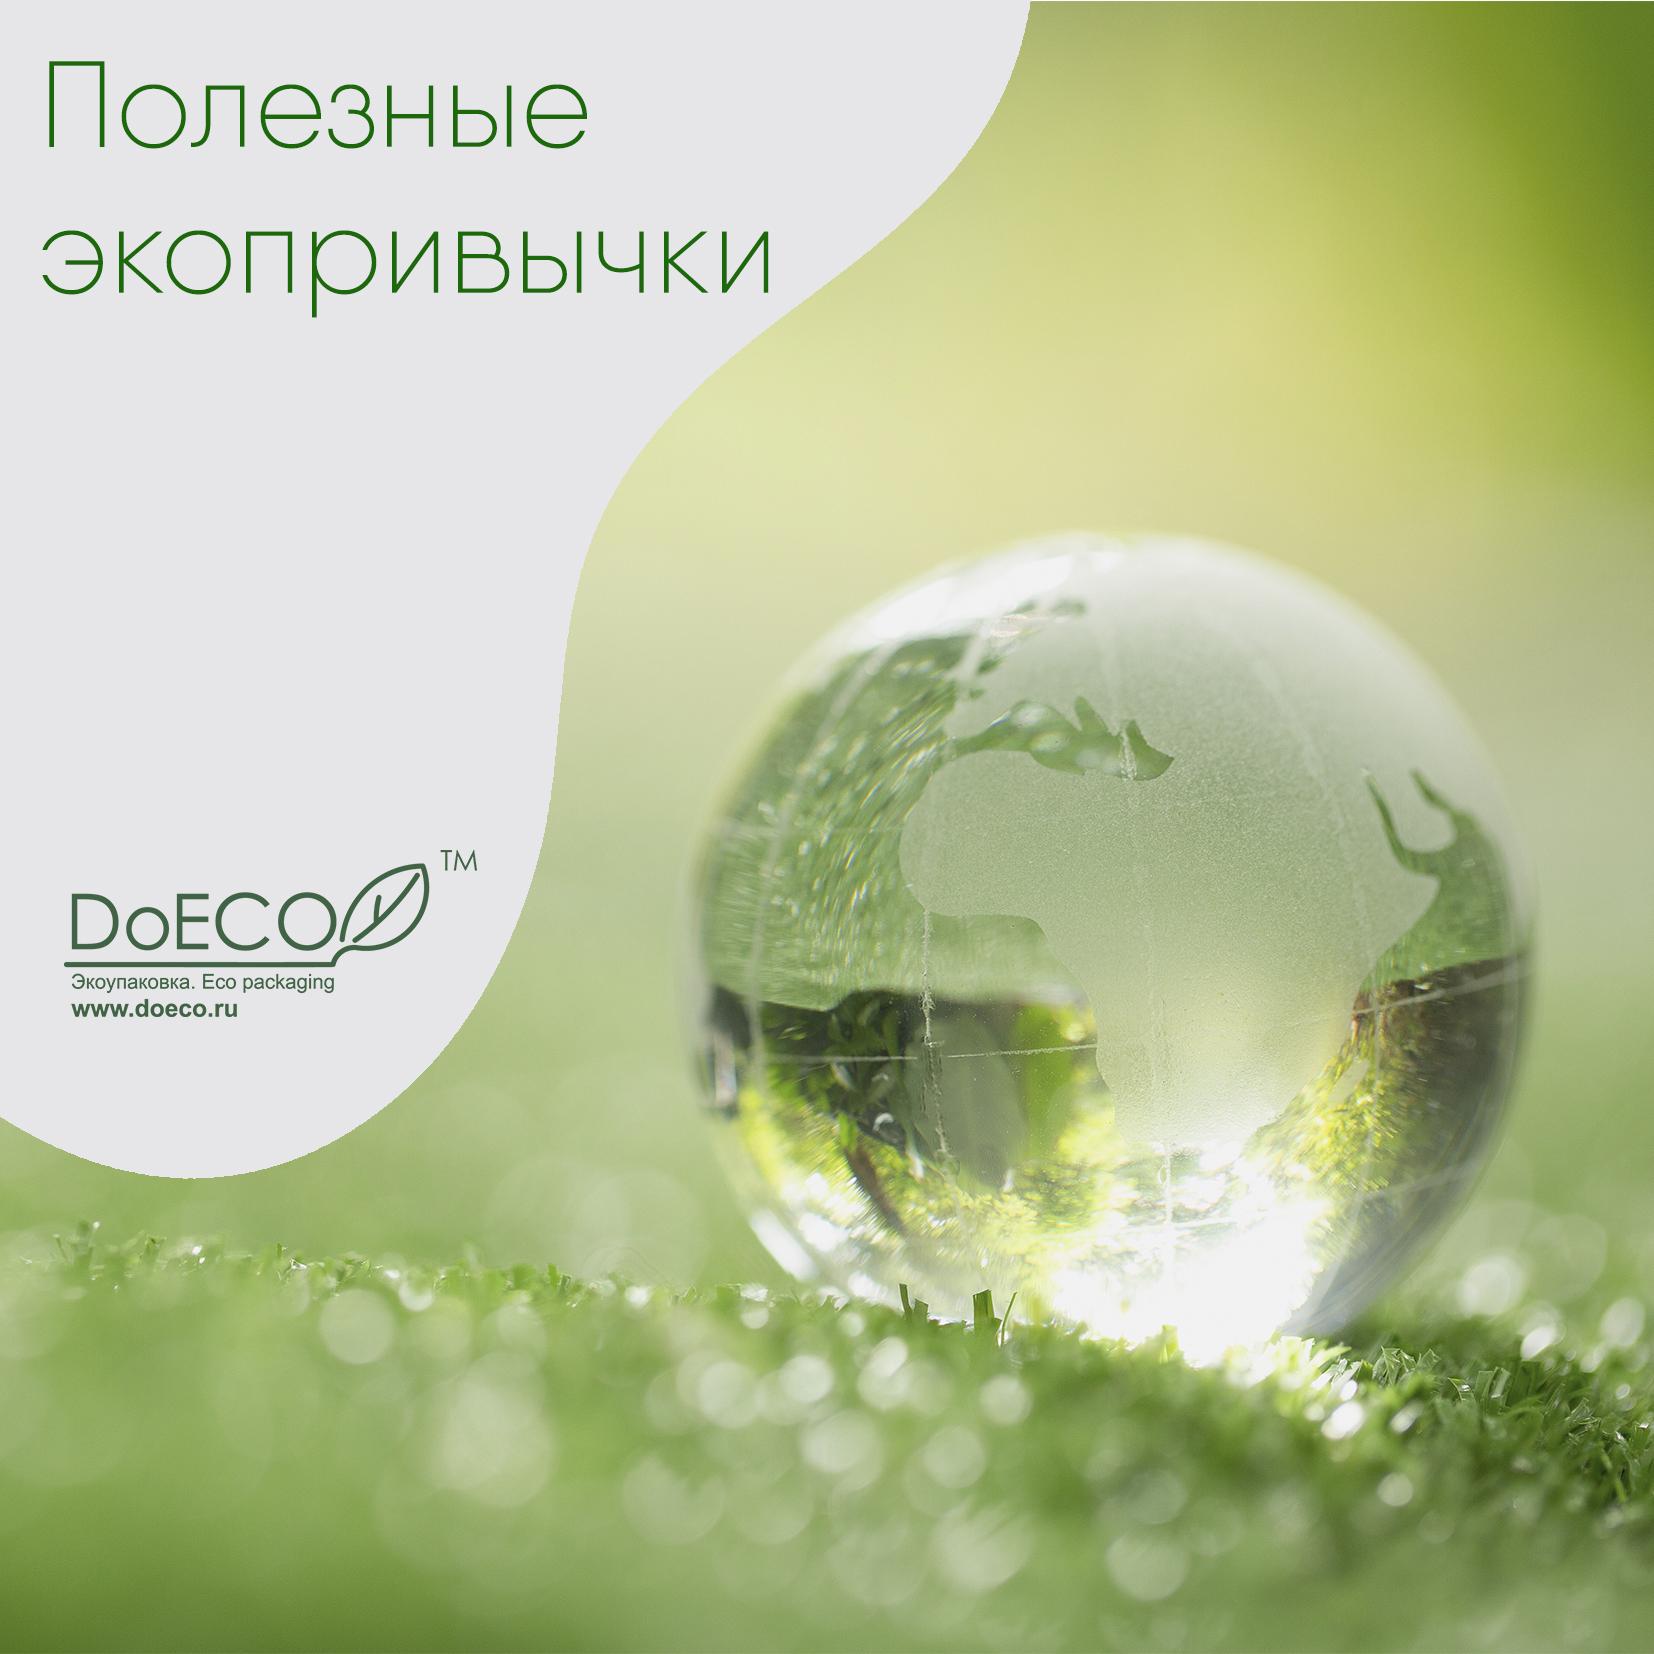 03 - Как вести более экологичный образ жизни